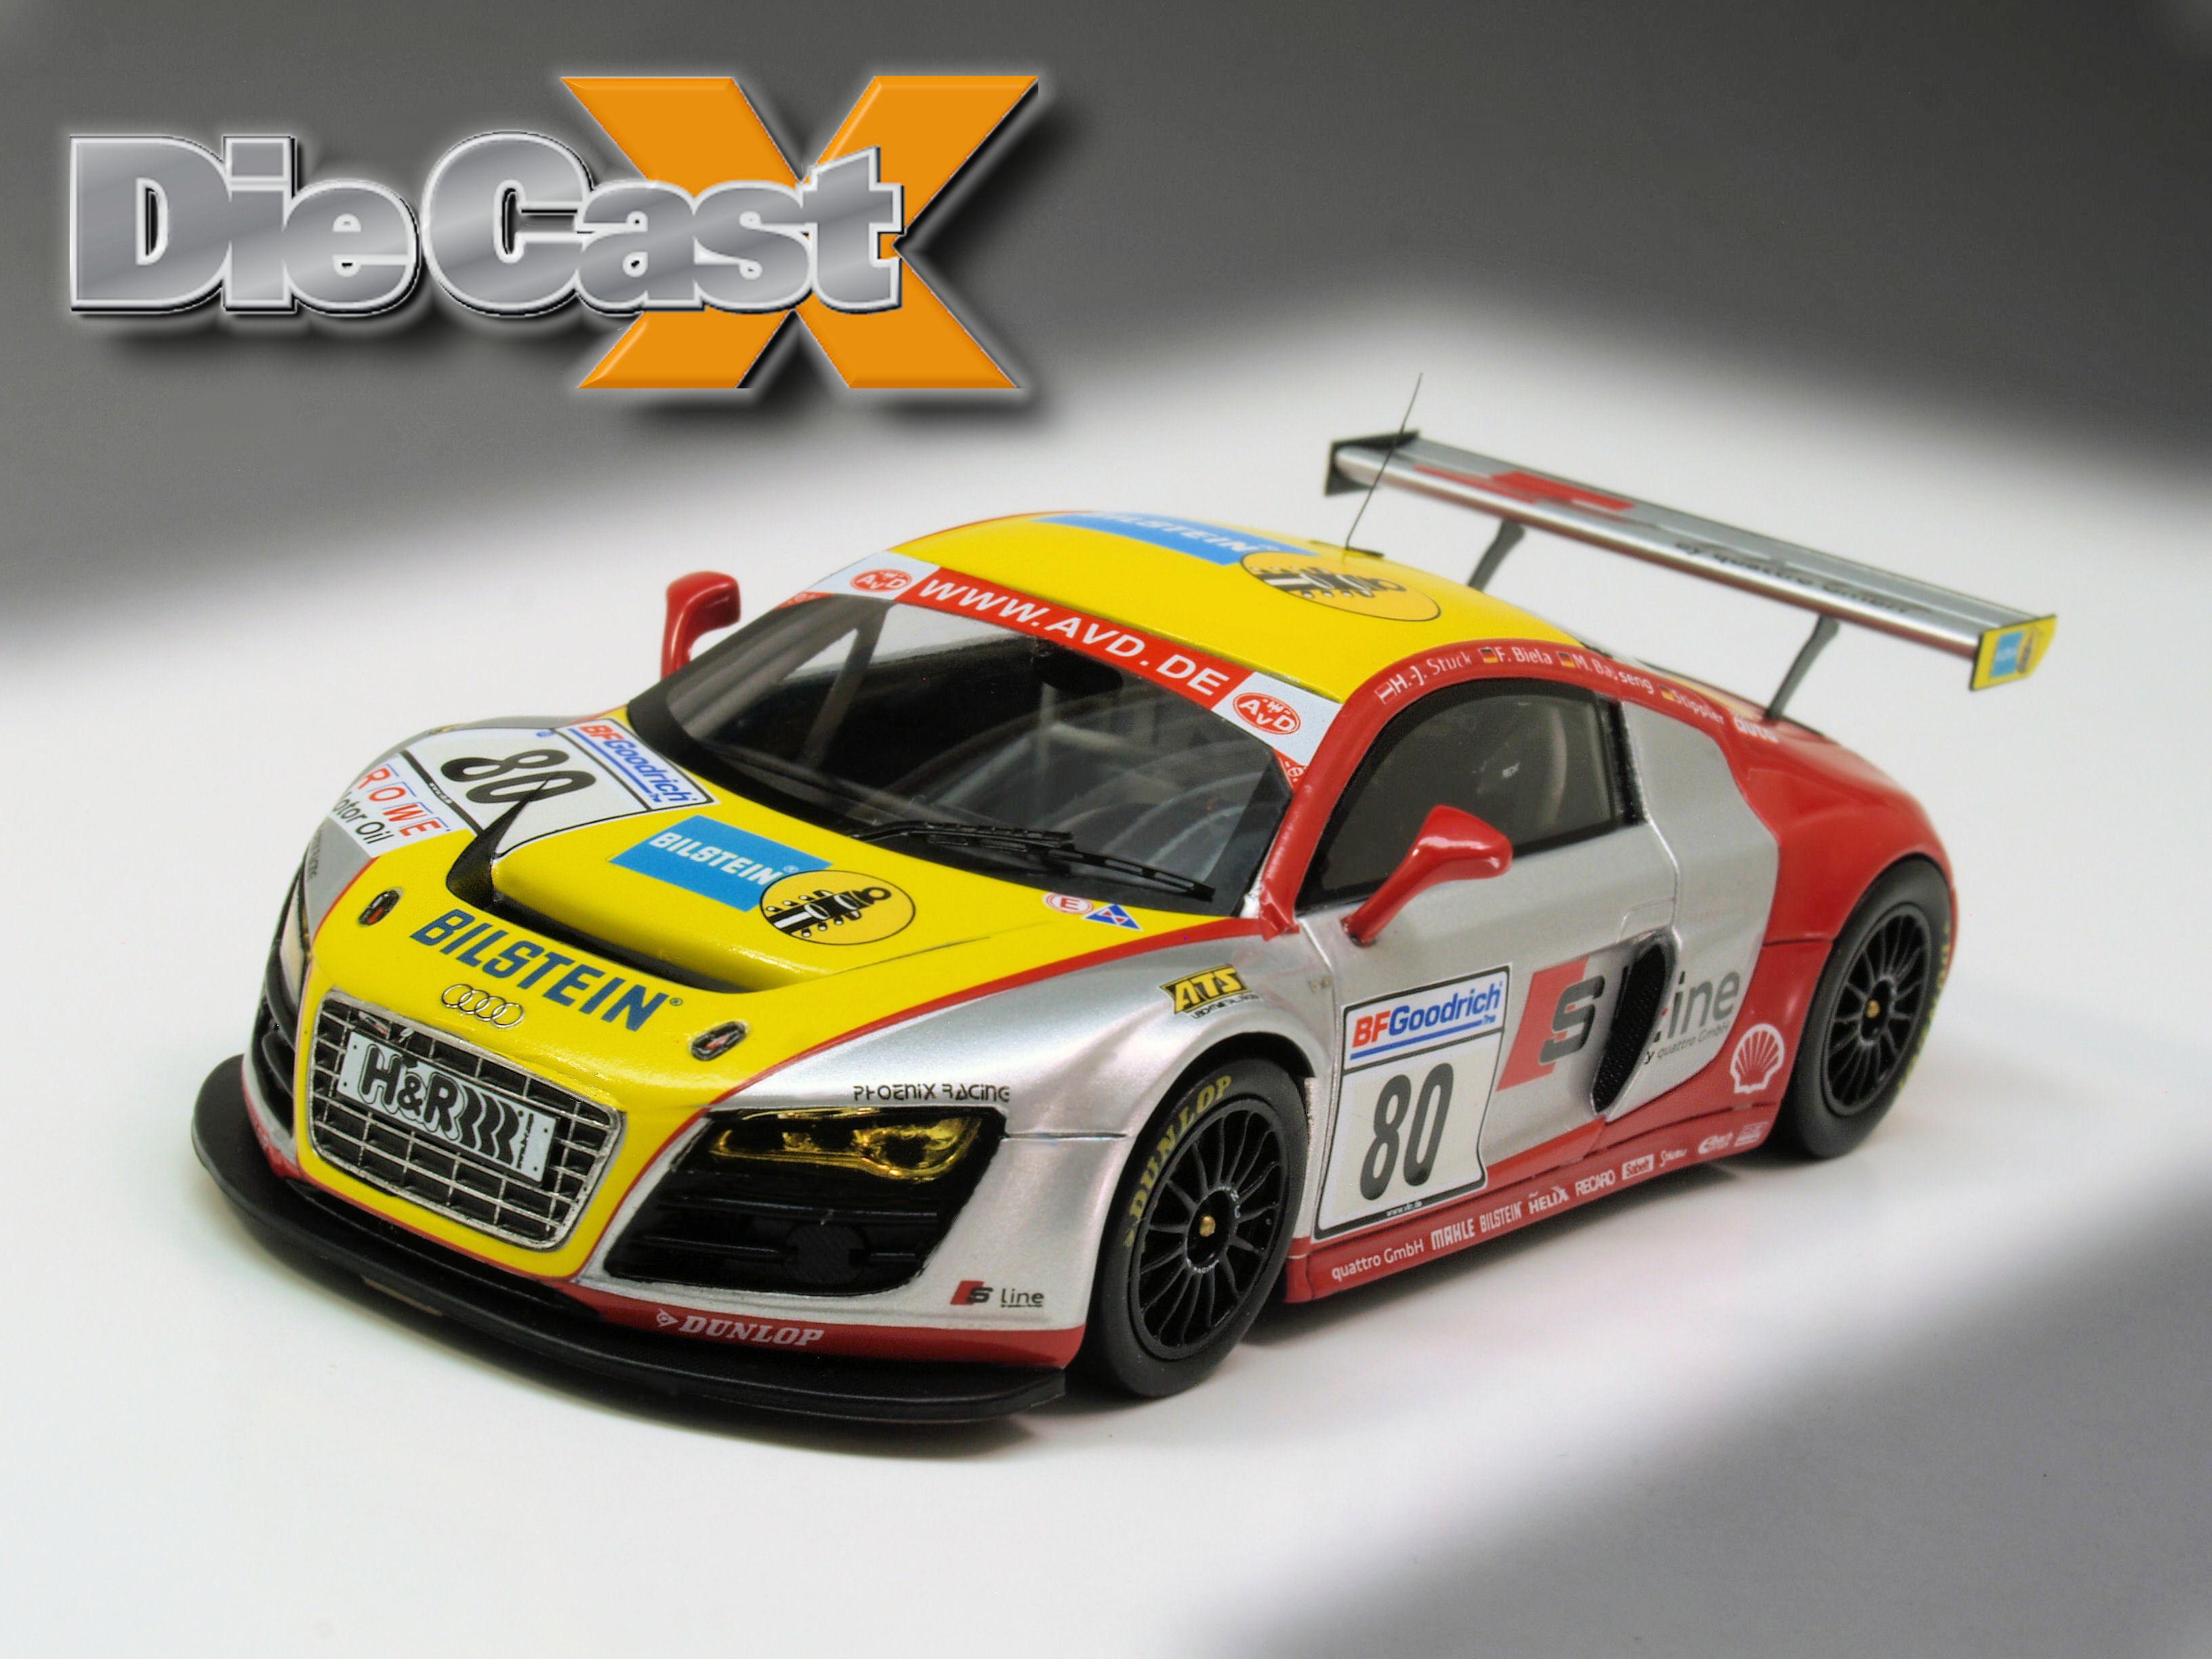 Minichamps' 1:43 Audi R8 LMS: Phoenix, Risen